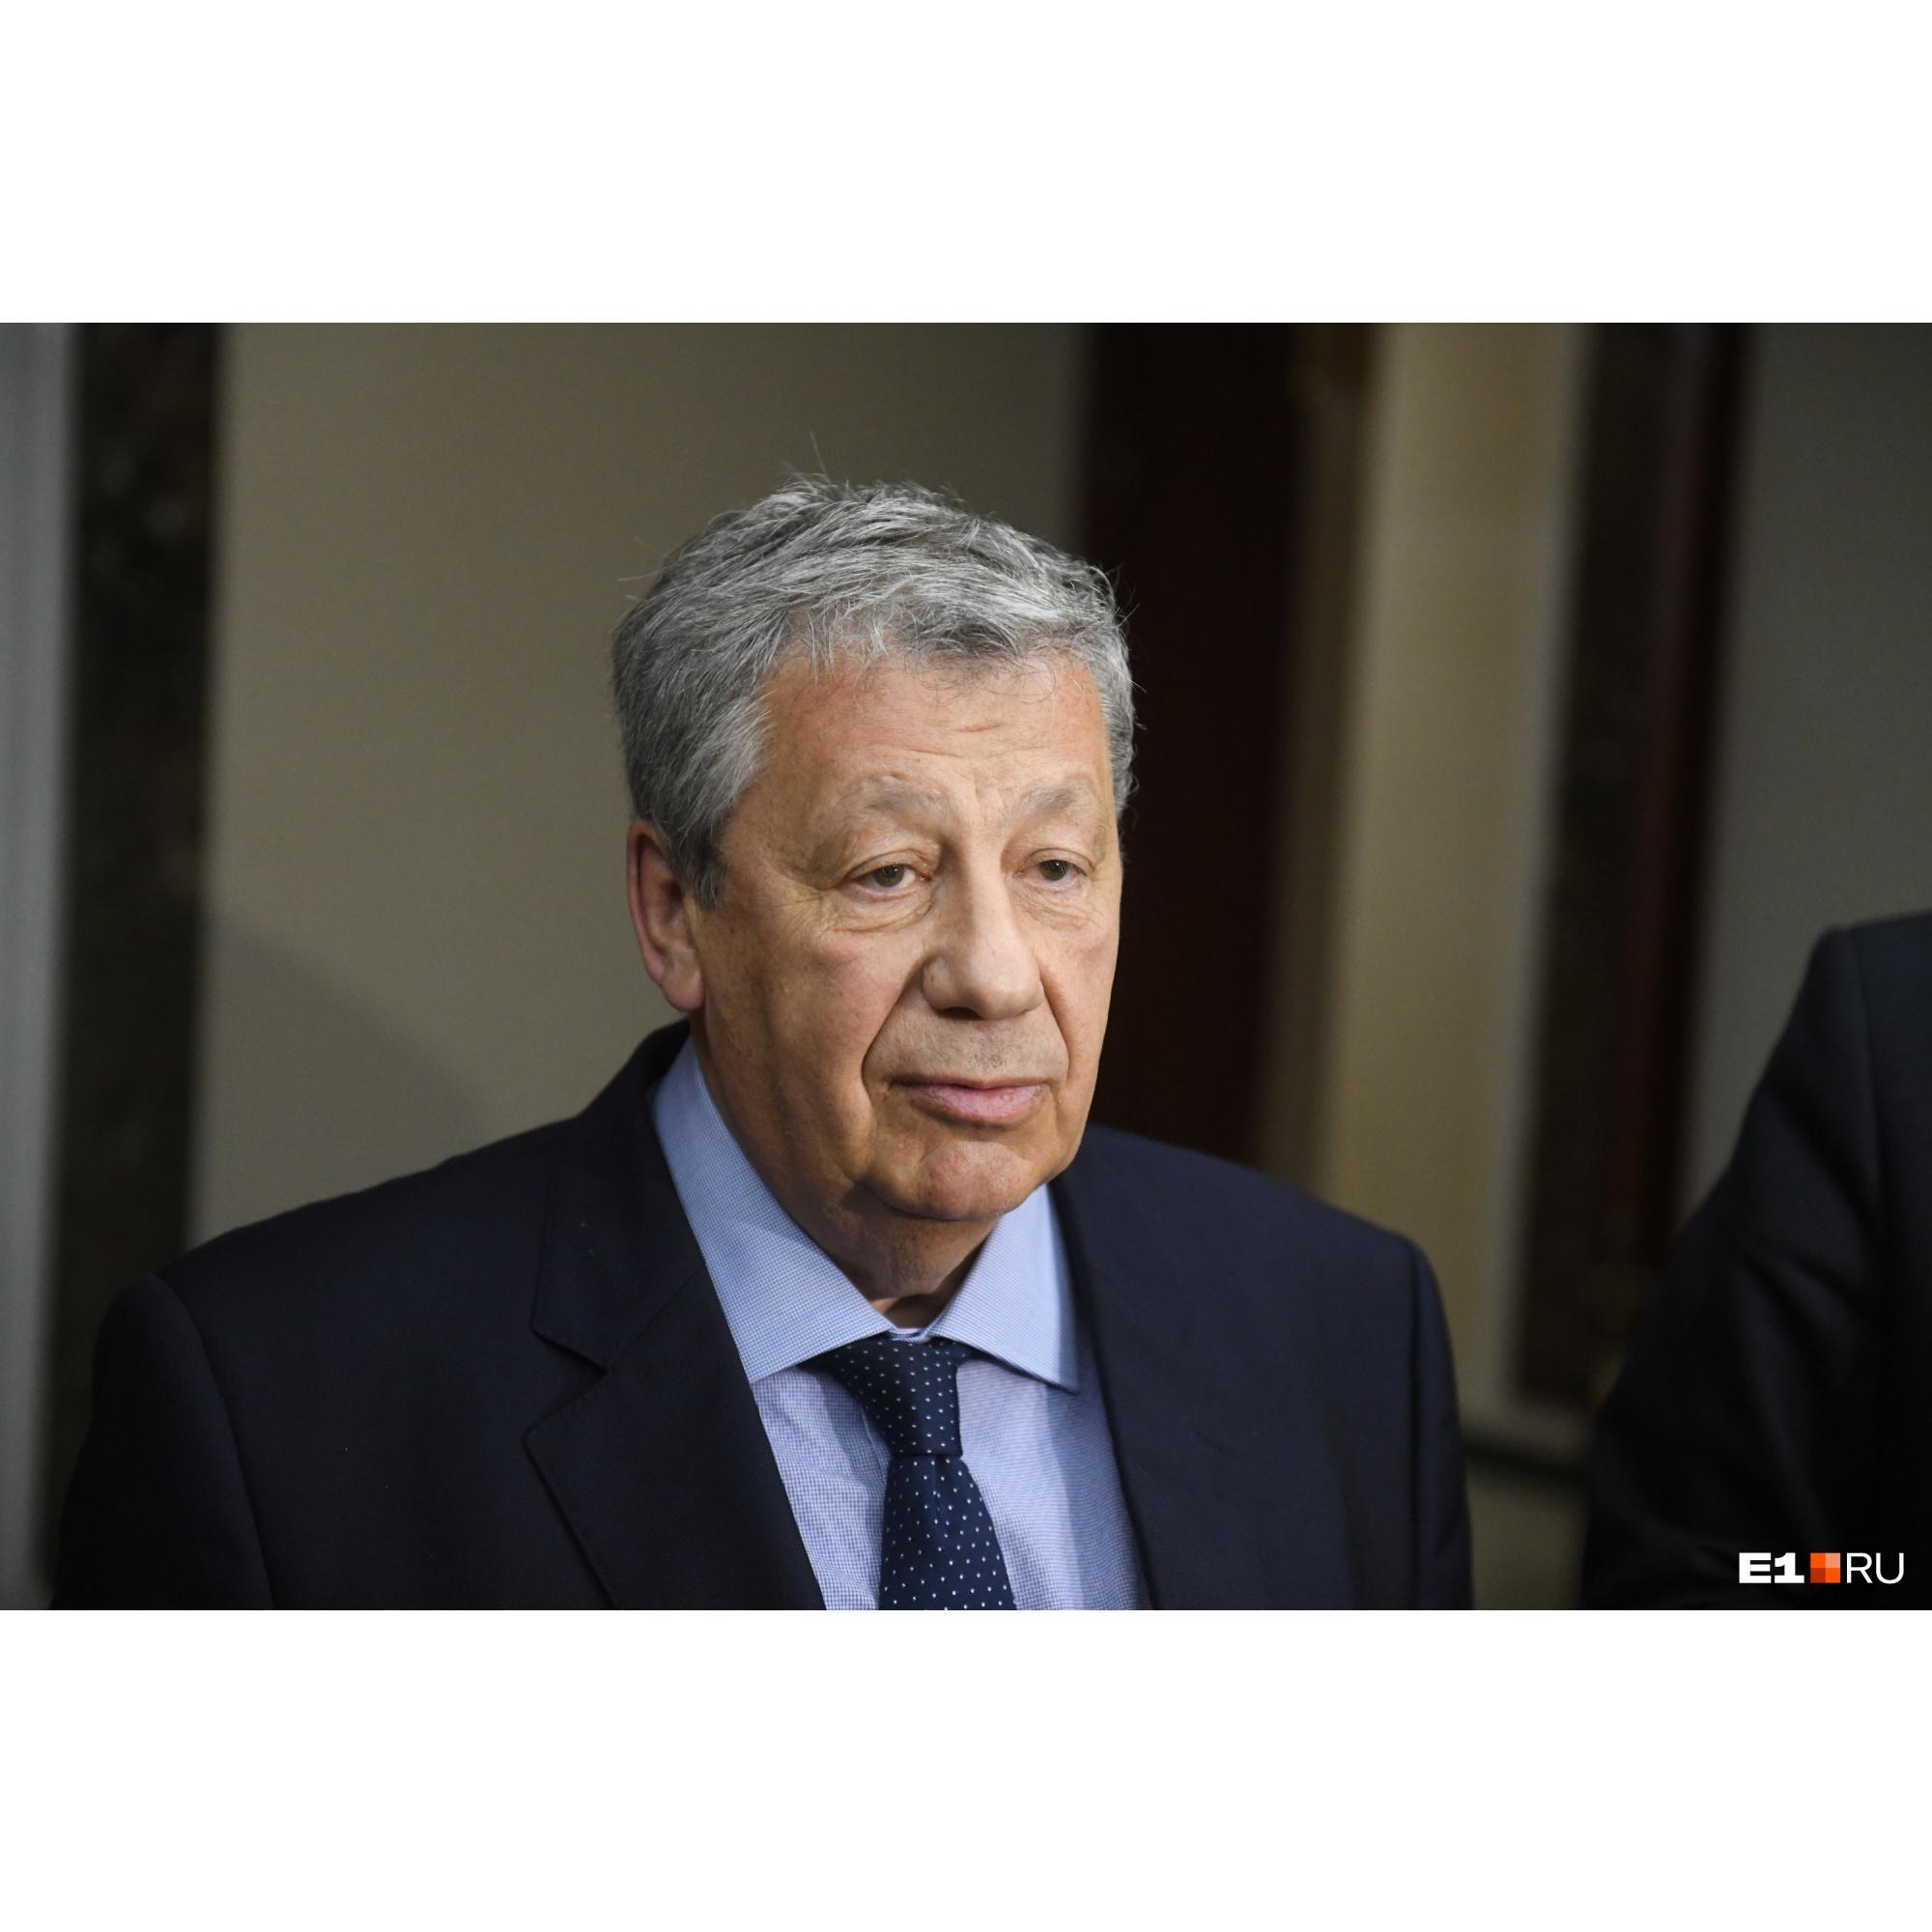 Аркадий Чернецкий отметил, что срок работы мэра теперь определяет губернатор